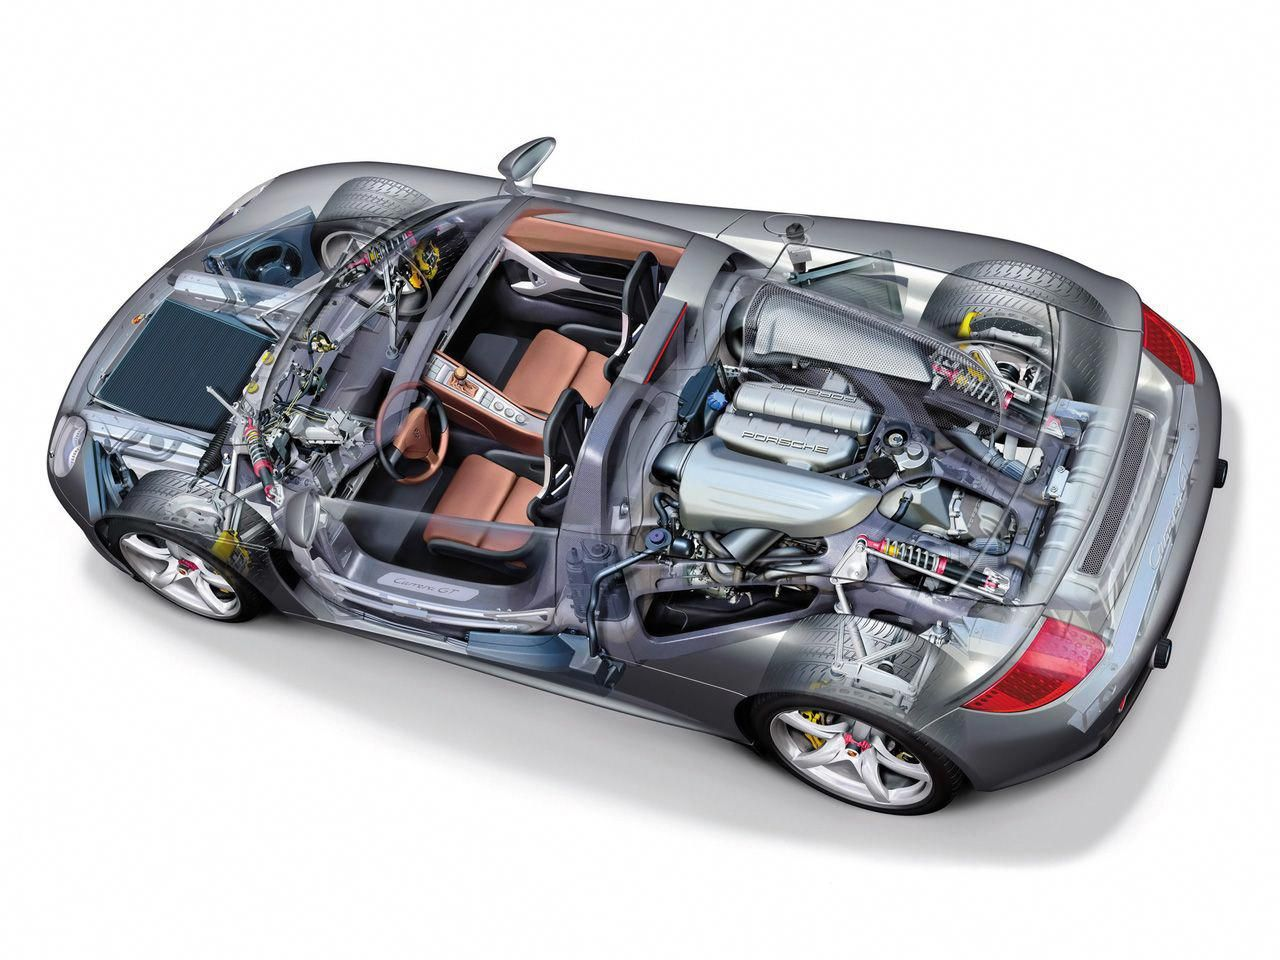 2006 Porsche Carrera Gt Porschecarreragtinterior Porsche Carrera Gt Porsche Accessories Porsche